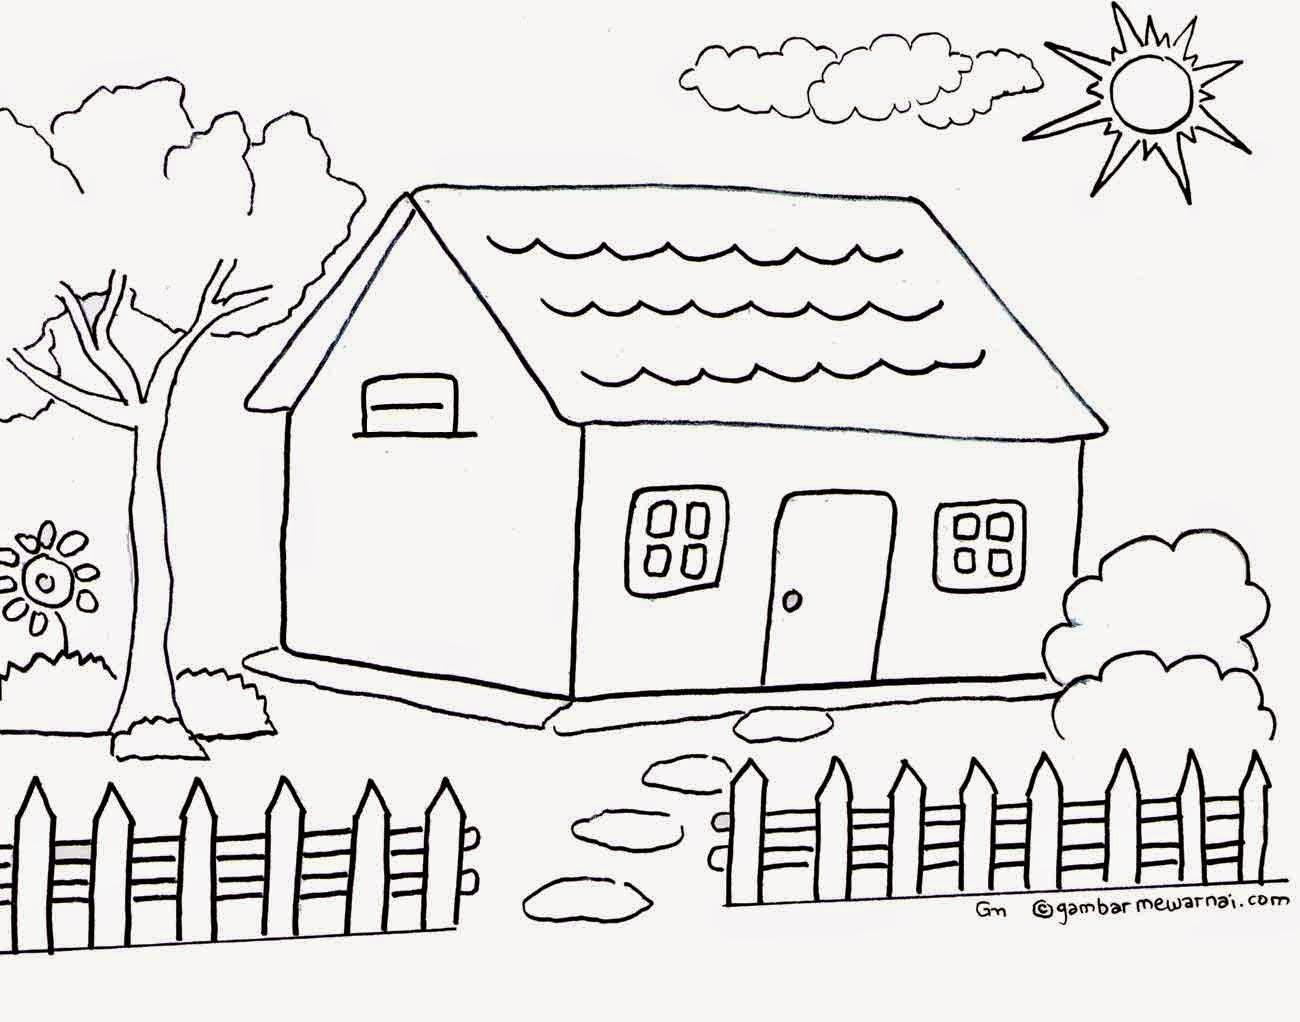 Gambar Rumah Hitam Putih Gol Rumah